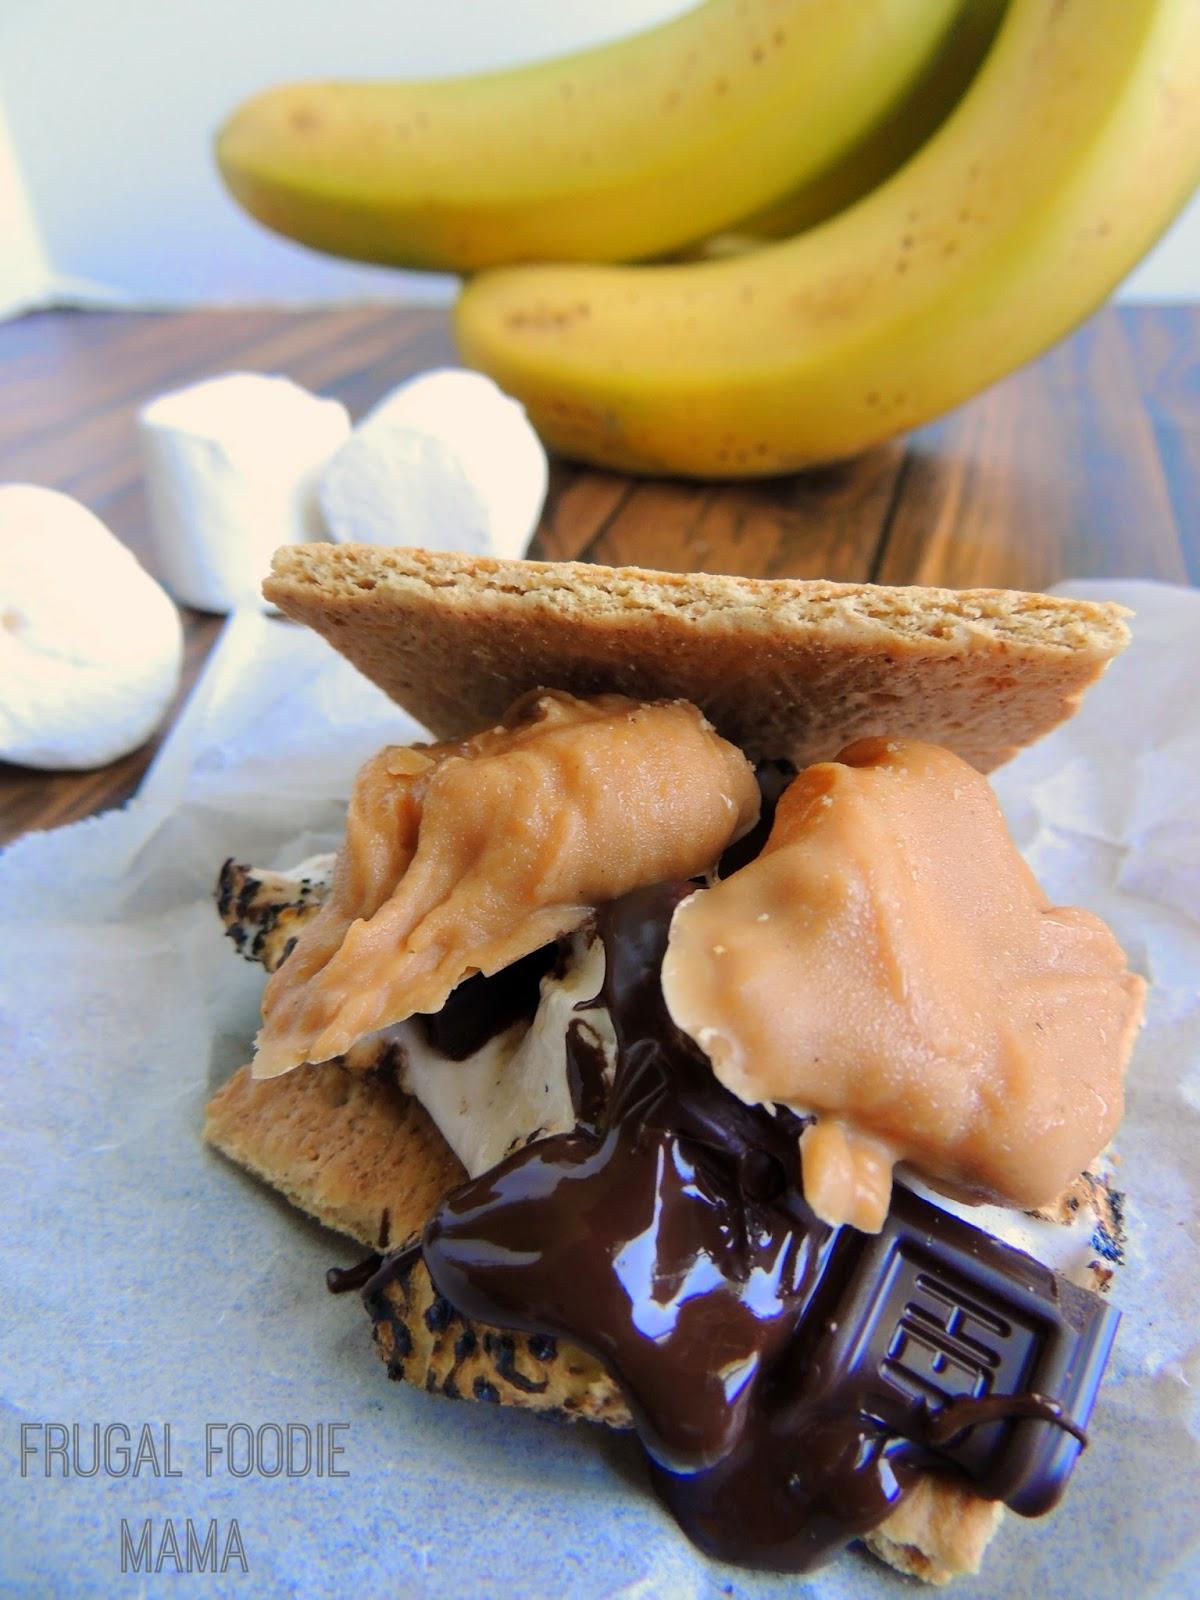 Fluffernutter Banana S'mores via thefrugalfoodiemama.com